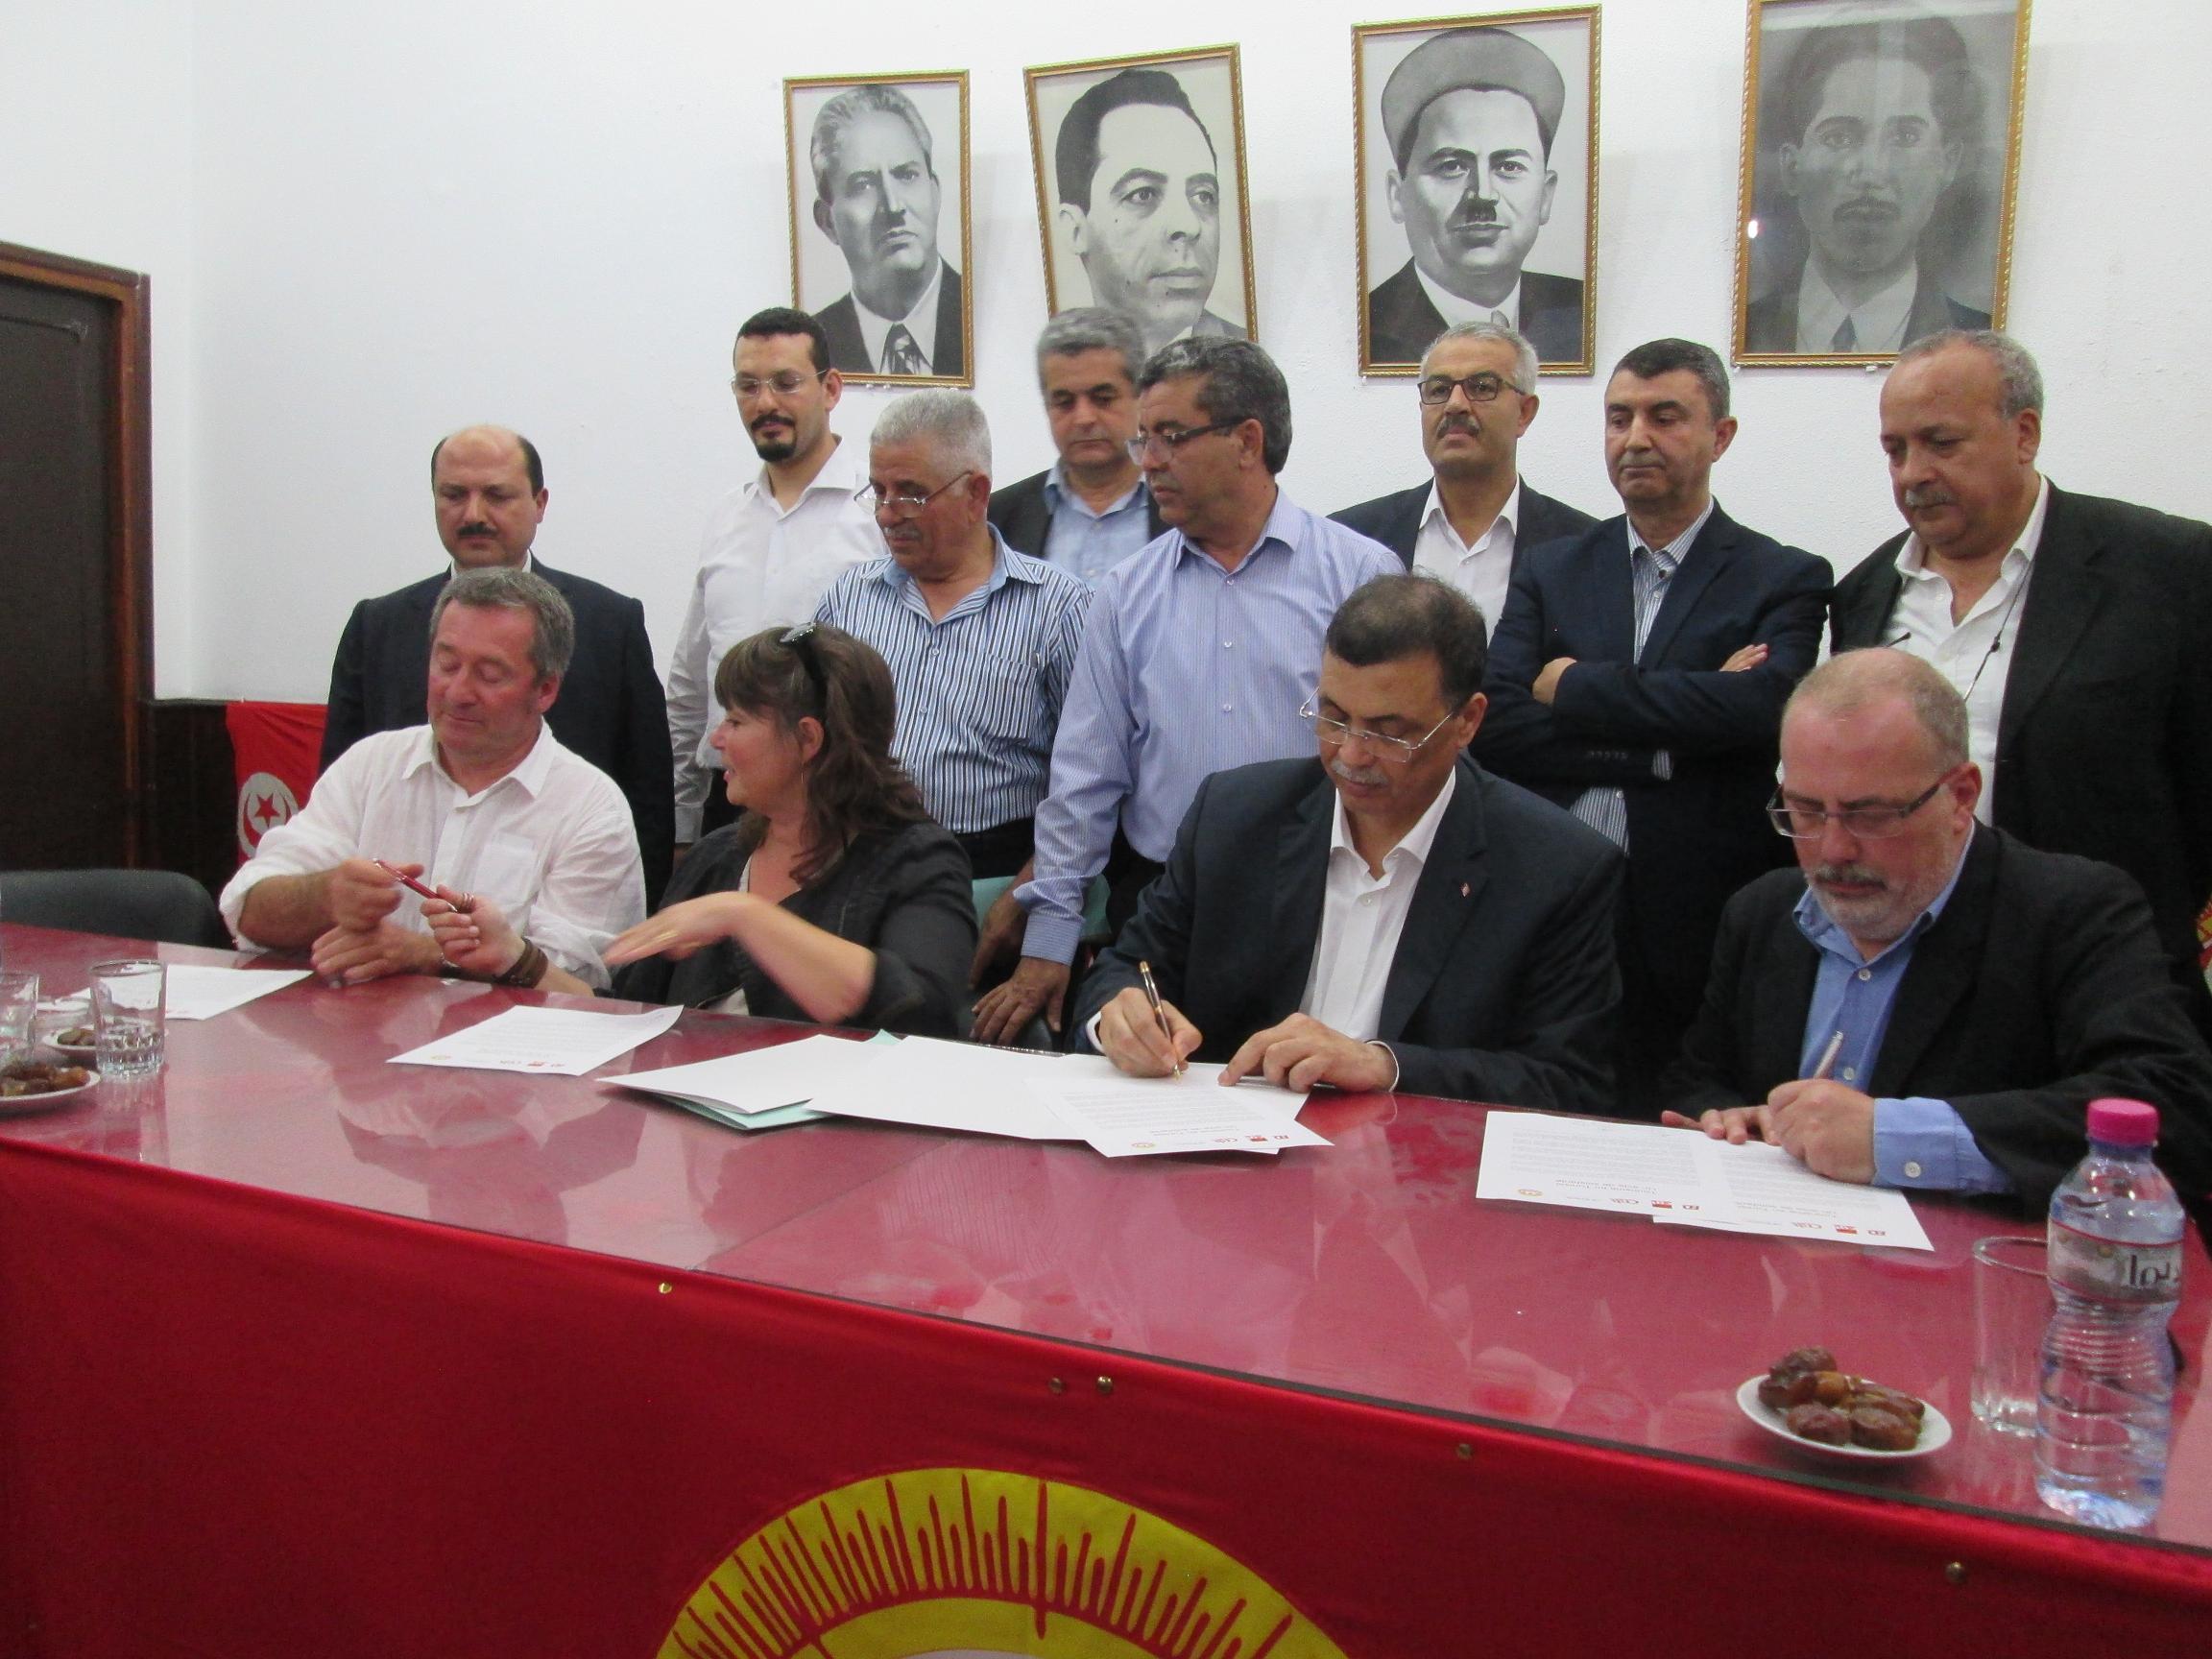 Ils signent un acte de solidarité sur une feuille de route commune. De gauche à droite Christan Faoro (CGT), Sylvie Szeferowicz (FO), Bouali Mbarki, secrétaire général adjoint de l'UGTT, et François Cuffini (CFDT). Photo MS.